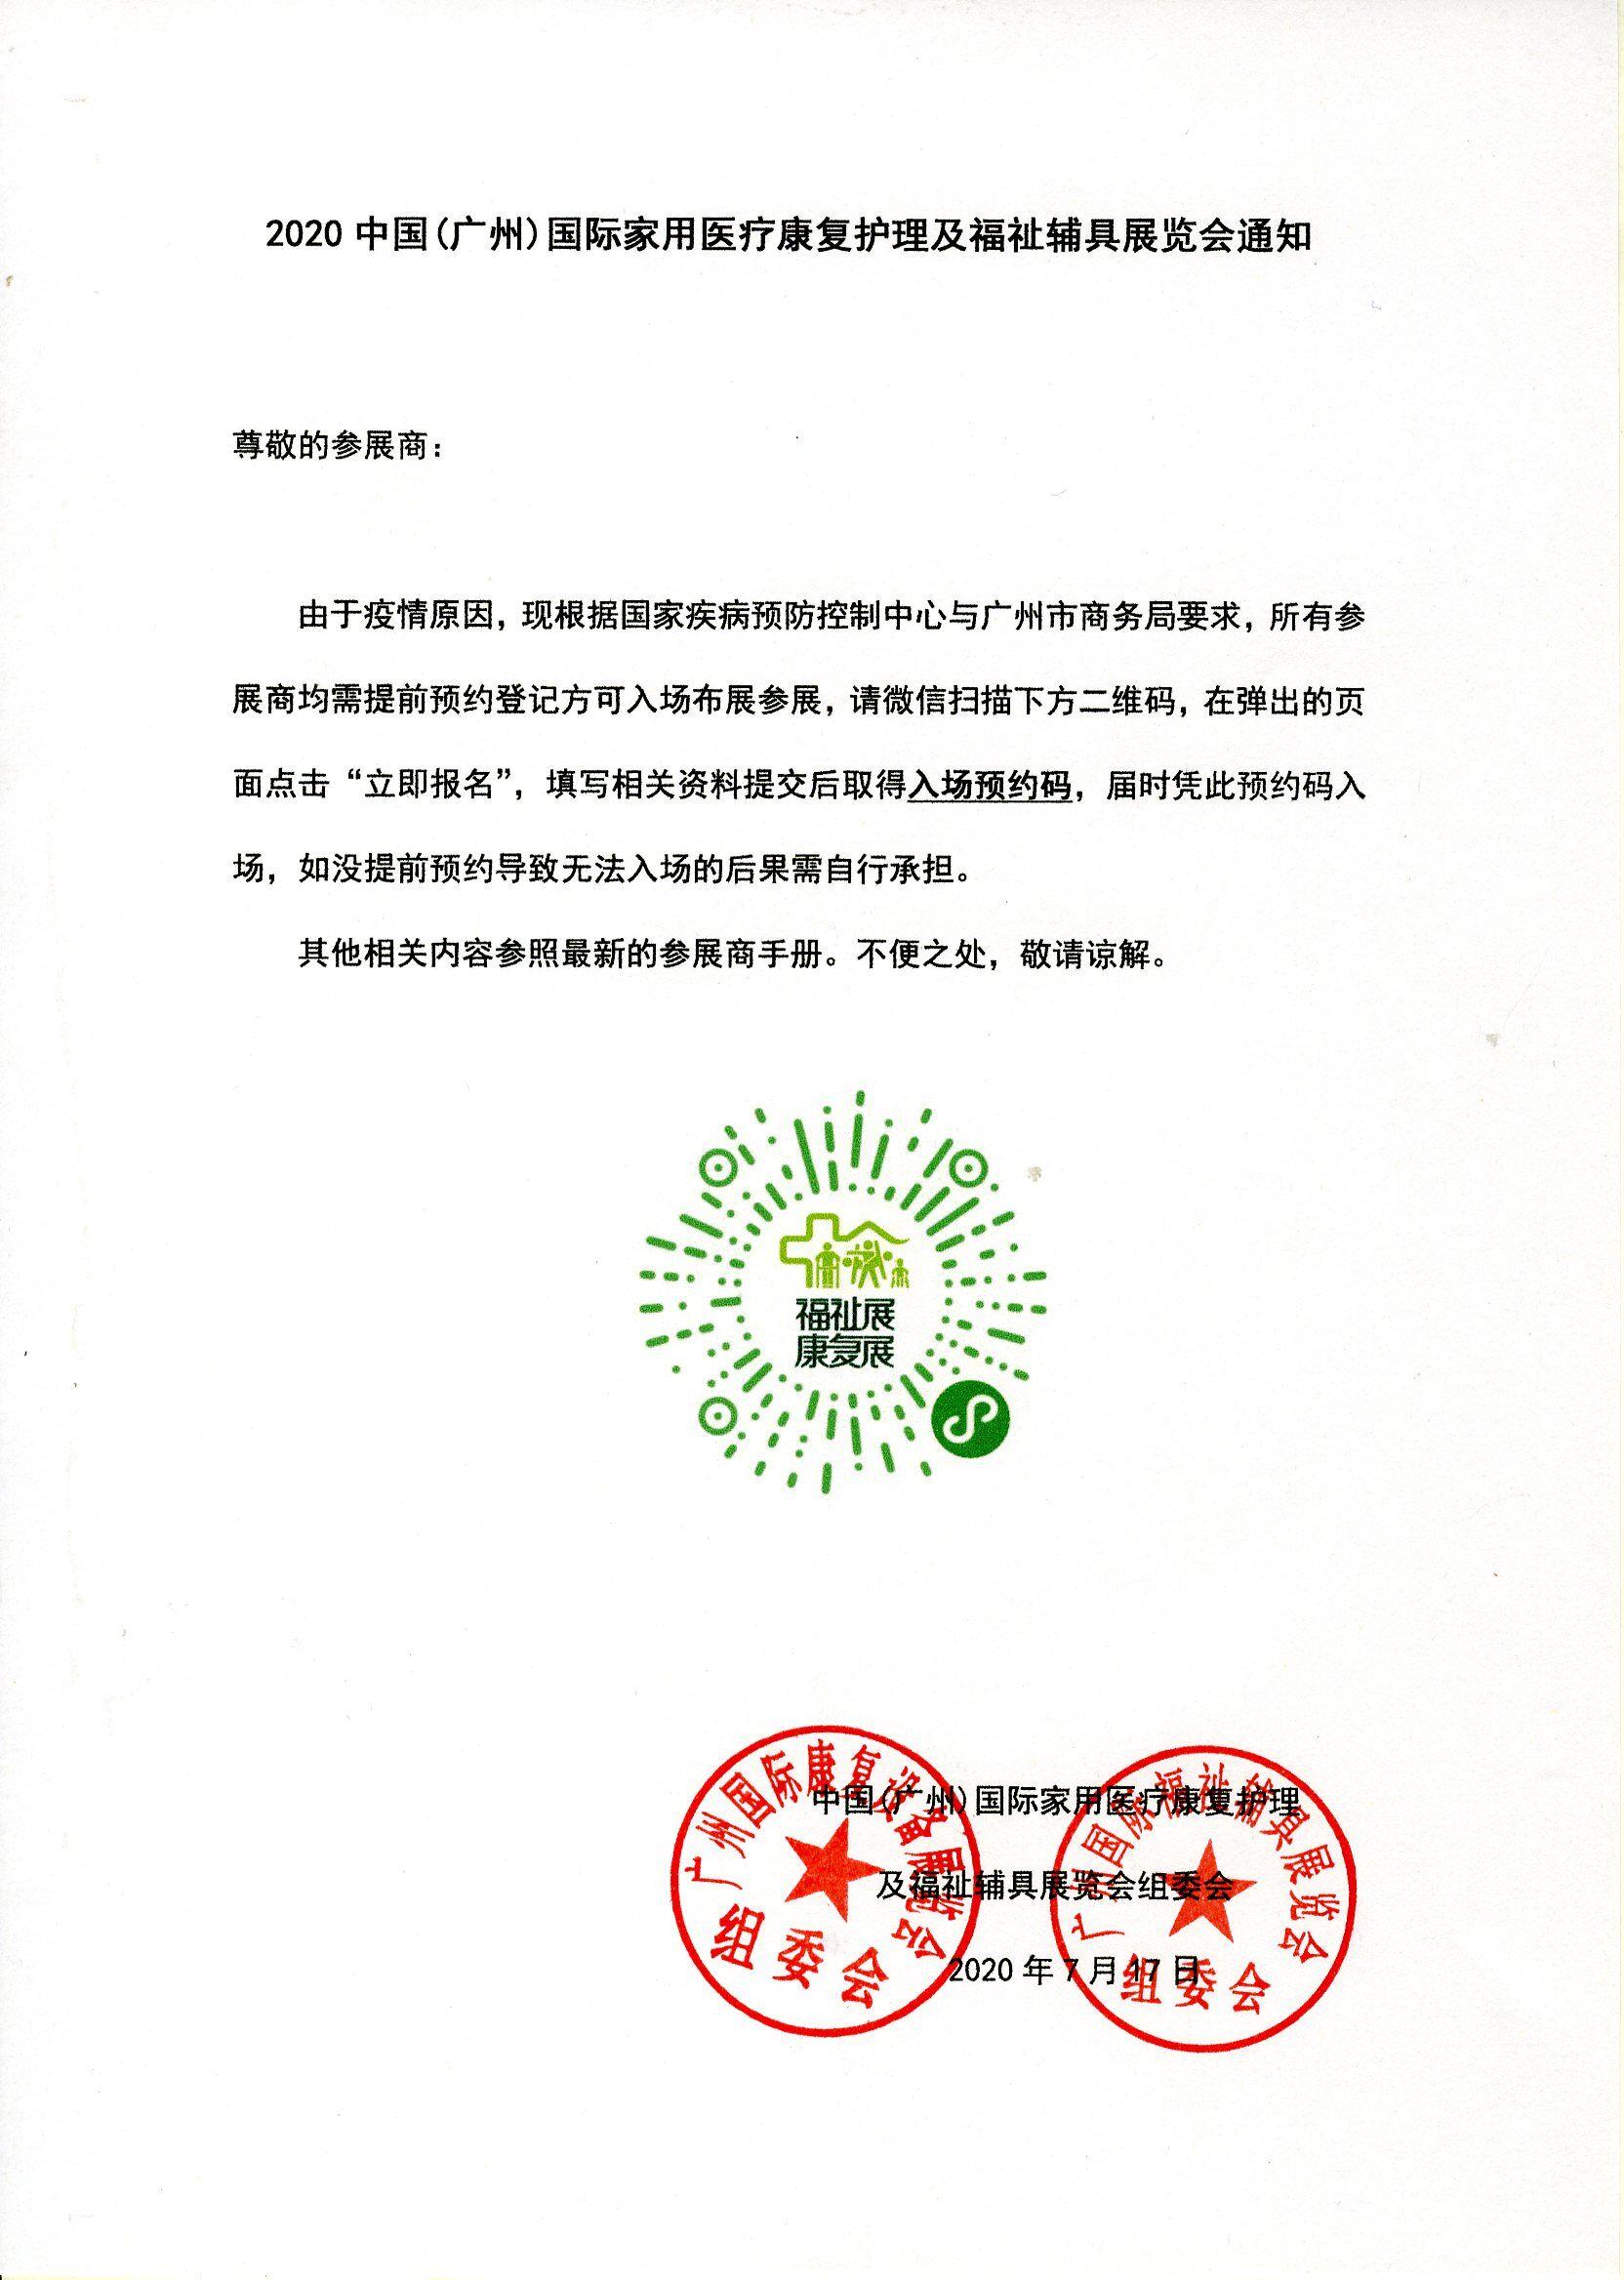 2020中国(广州)国际家用医疗必威体育登录彩票护理及福祉辅具展览会通知